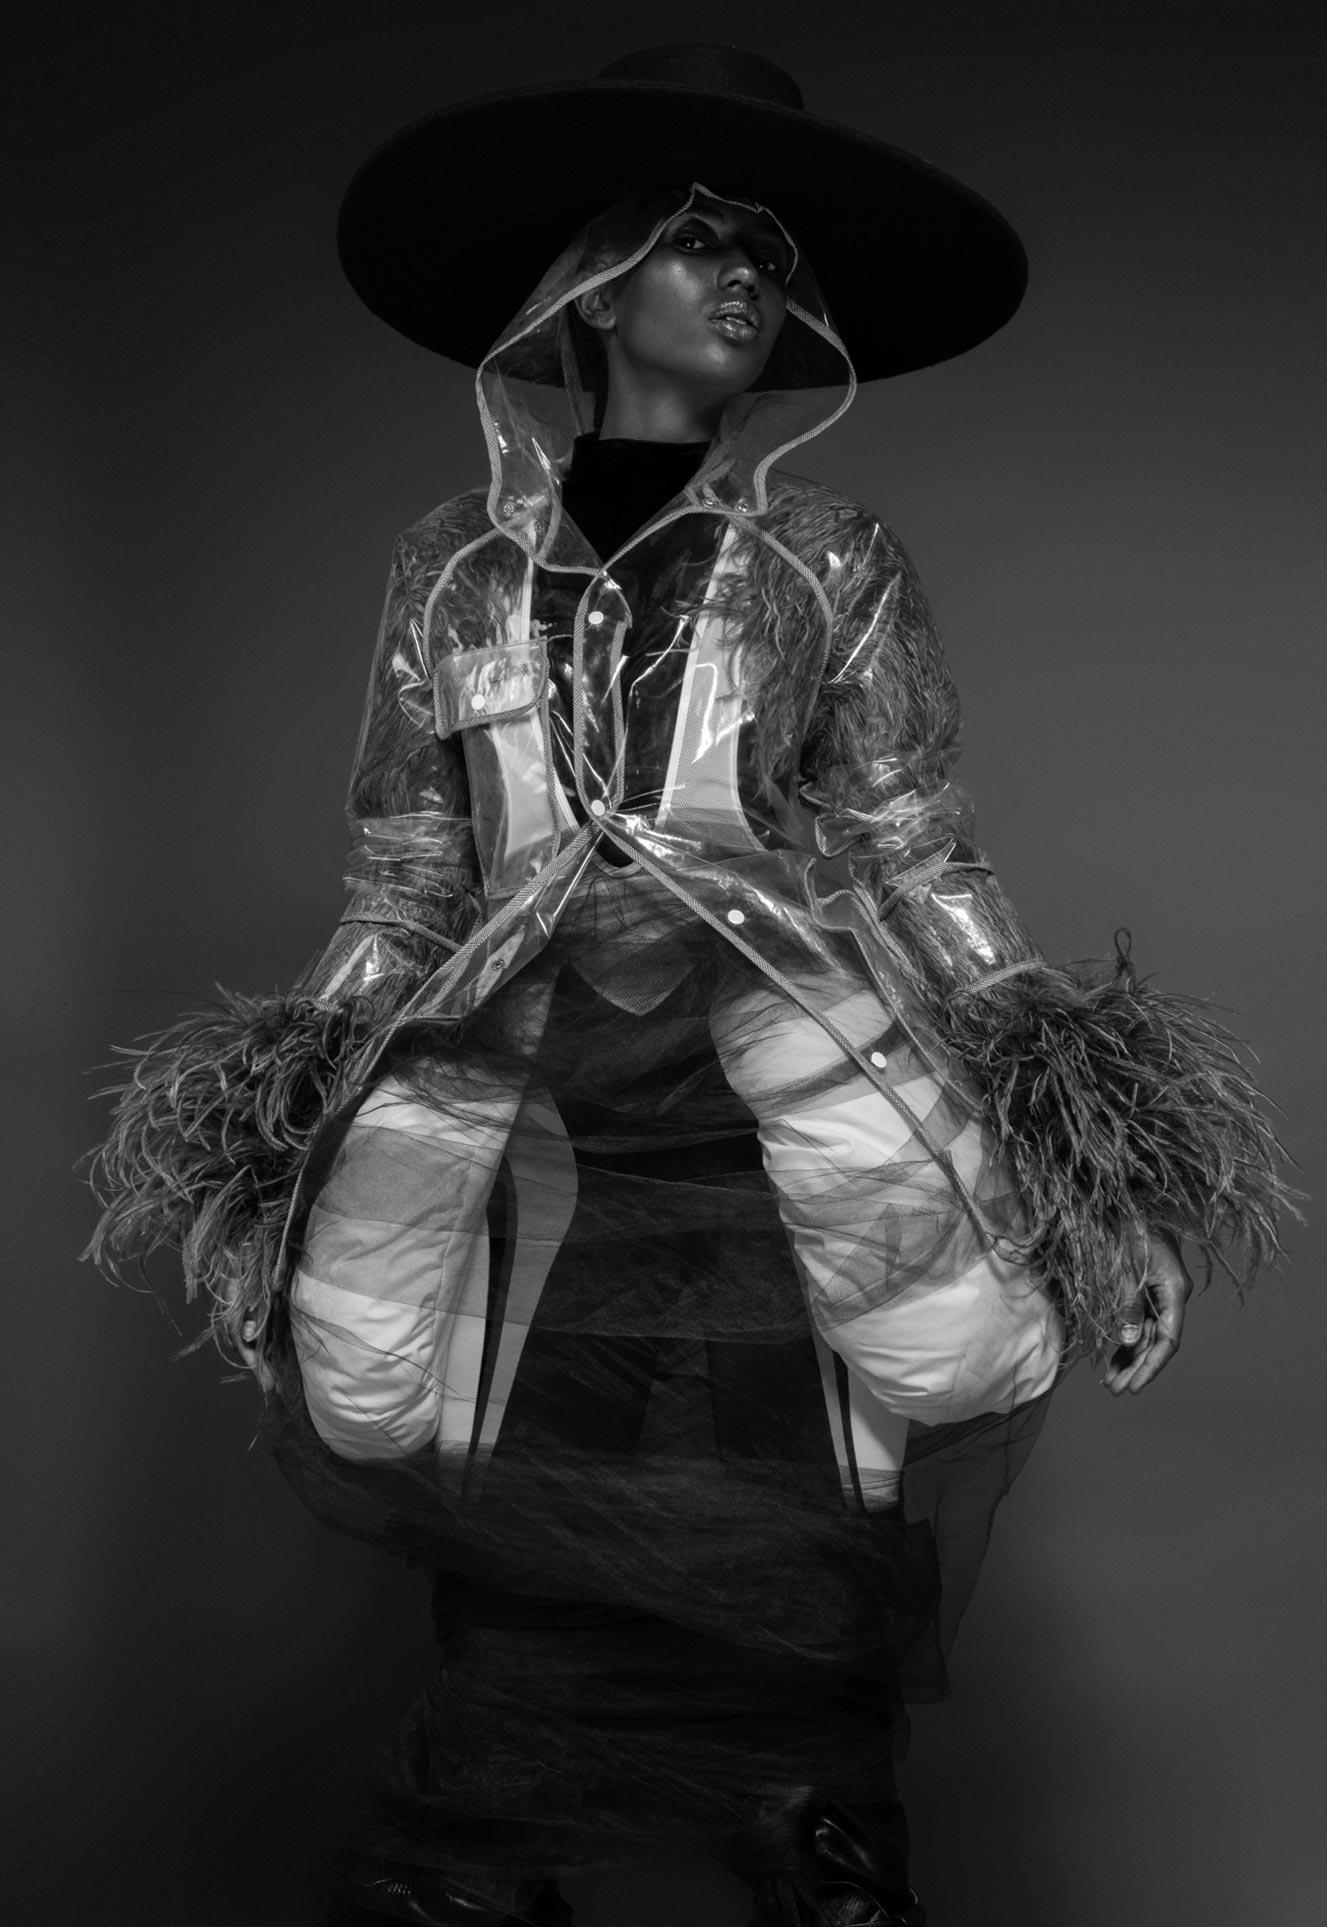 Нетрадиционный взгляд на модную одежду / фото 16